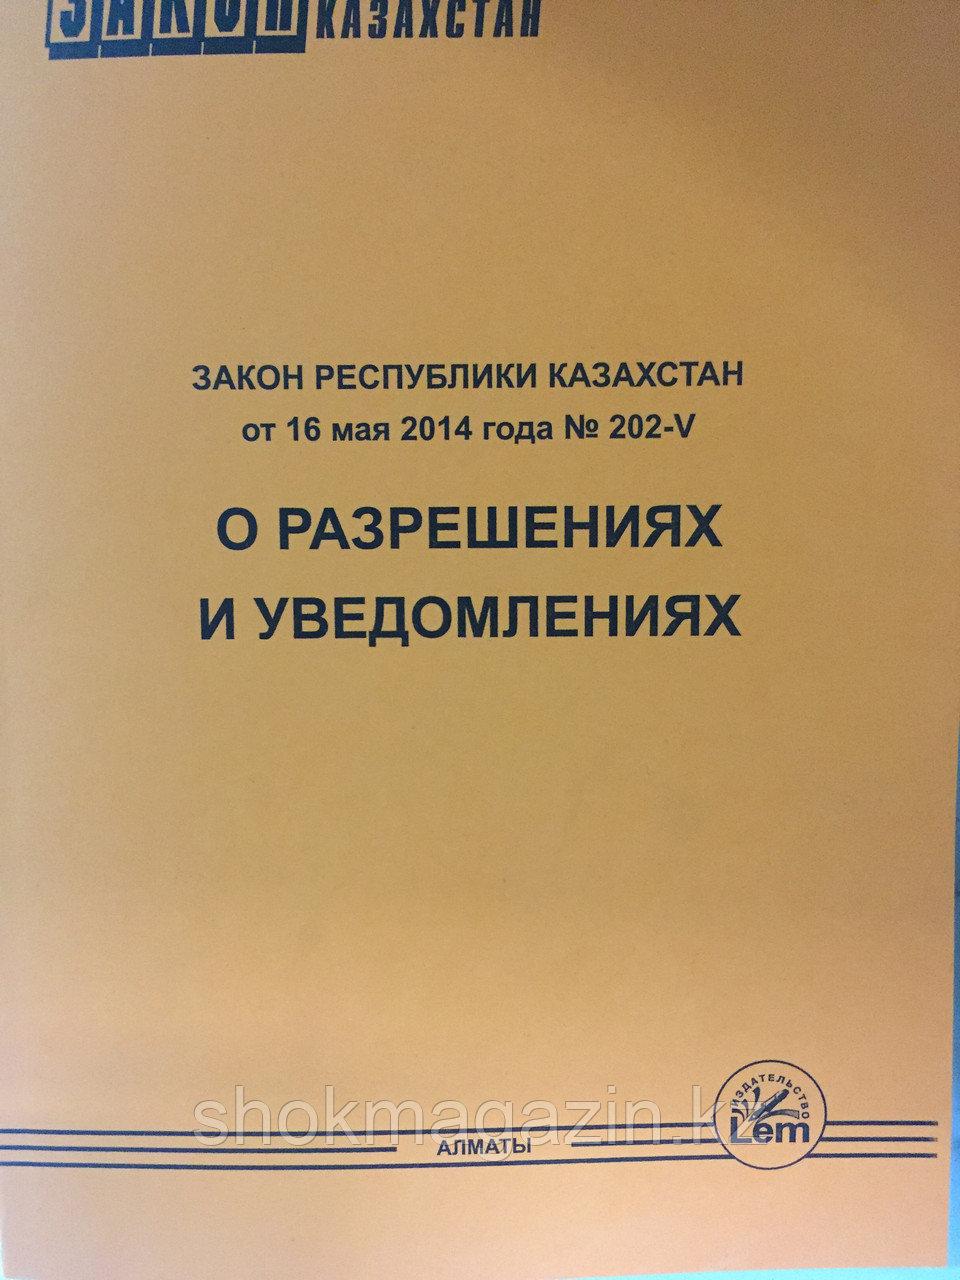 Закон РК о разрешениях и уведомлениях